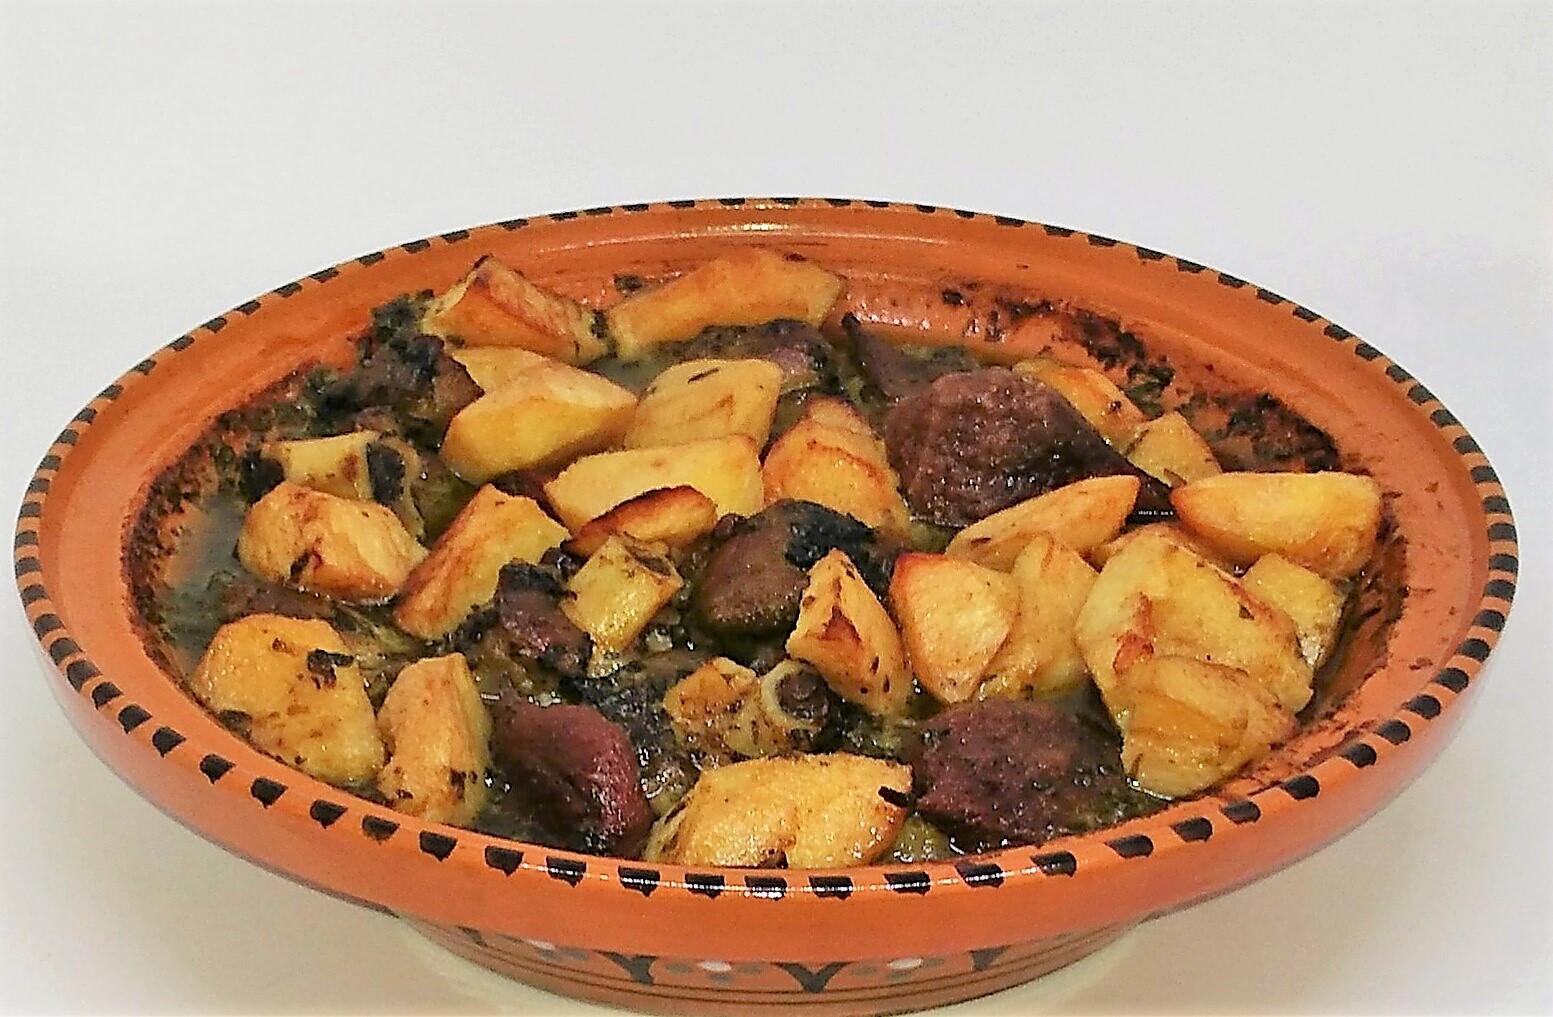 Tagine de Borrego, Marmelos e Peras Secas